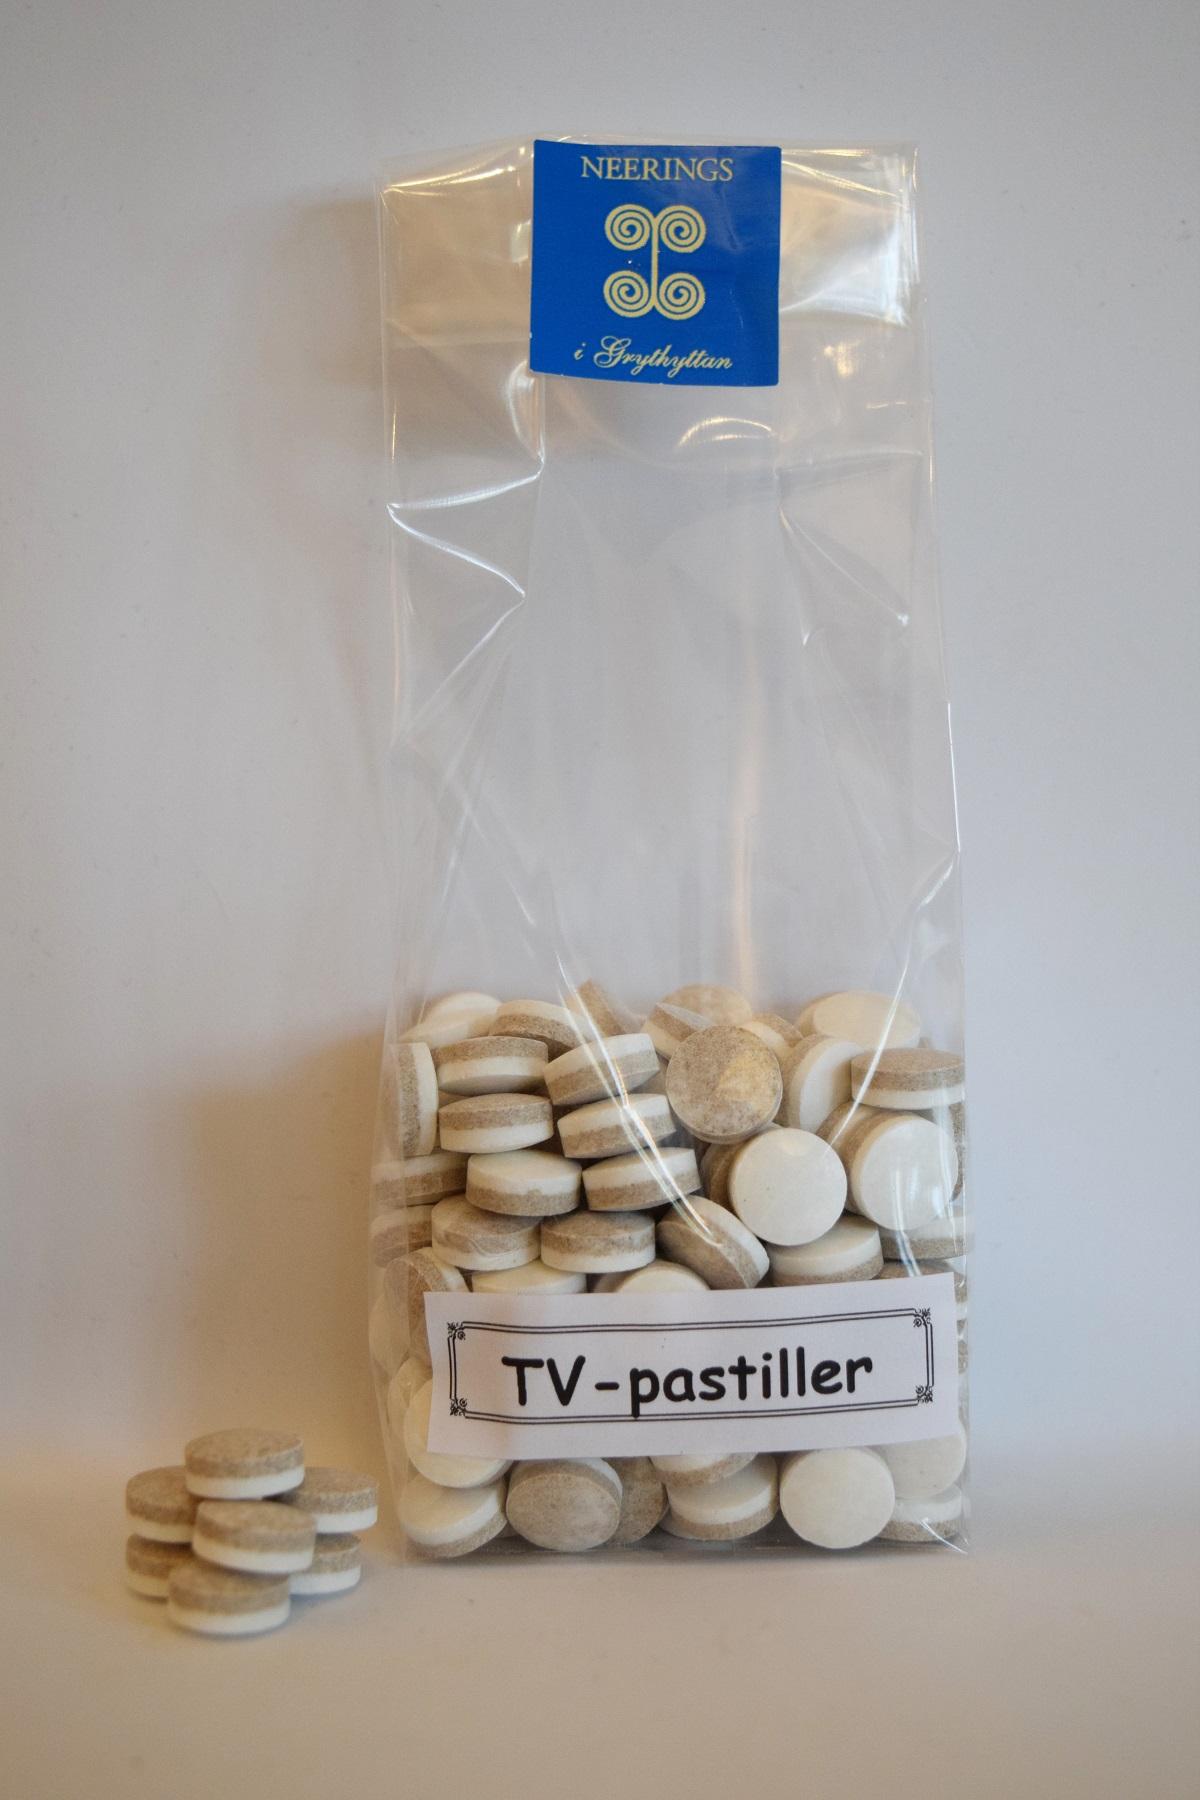 TV-pastiller